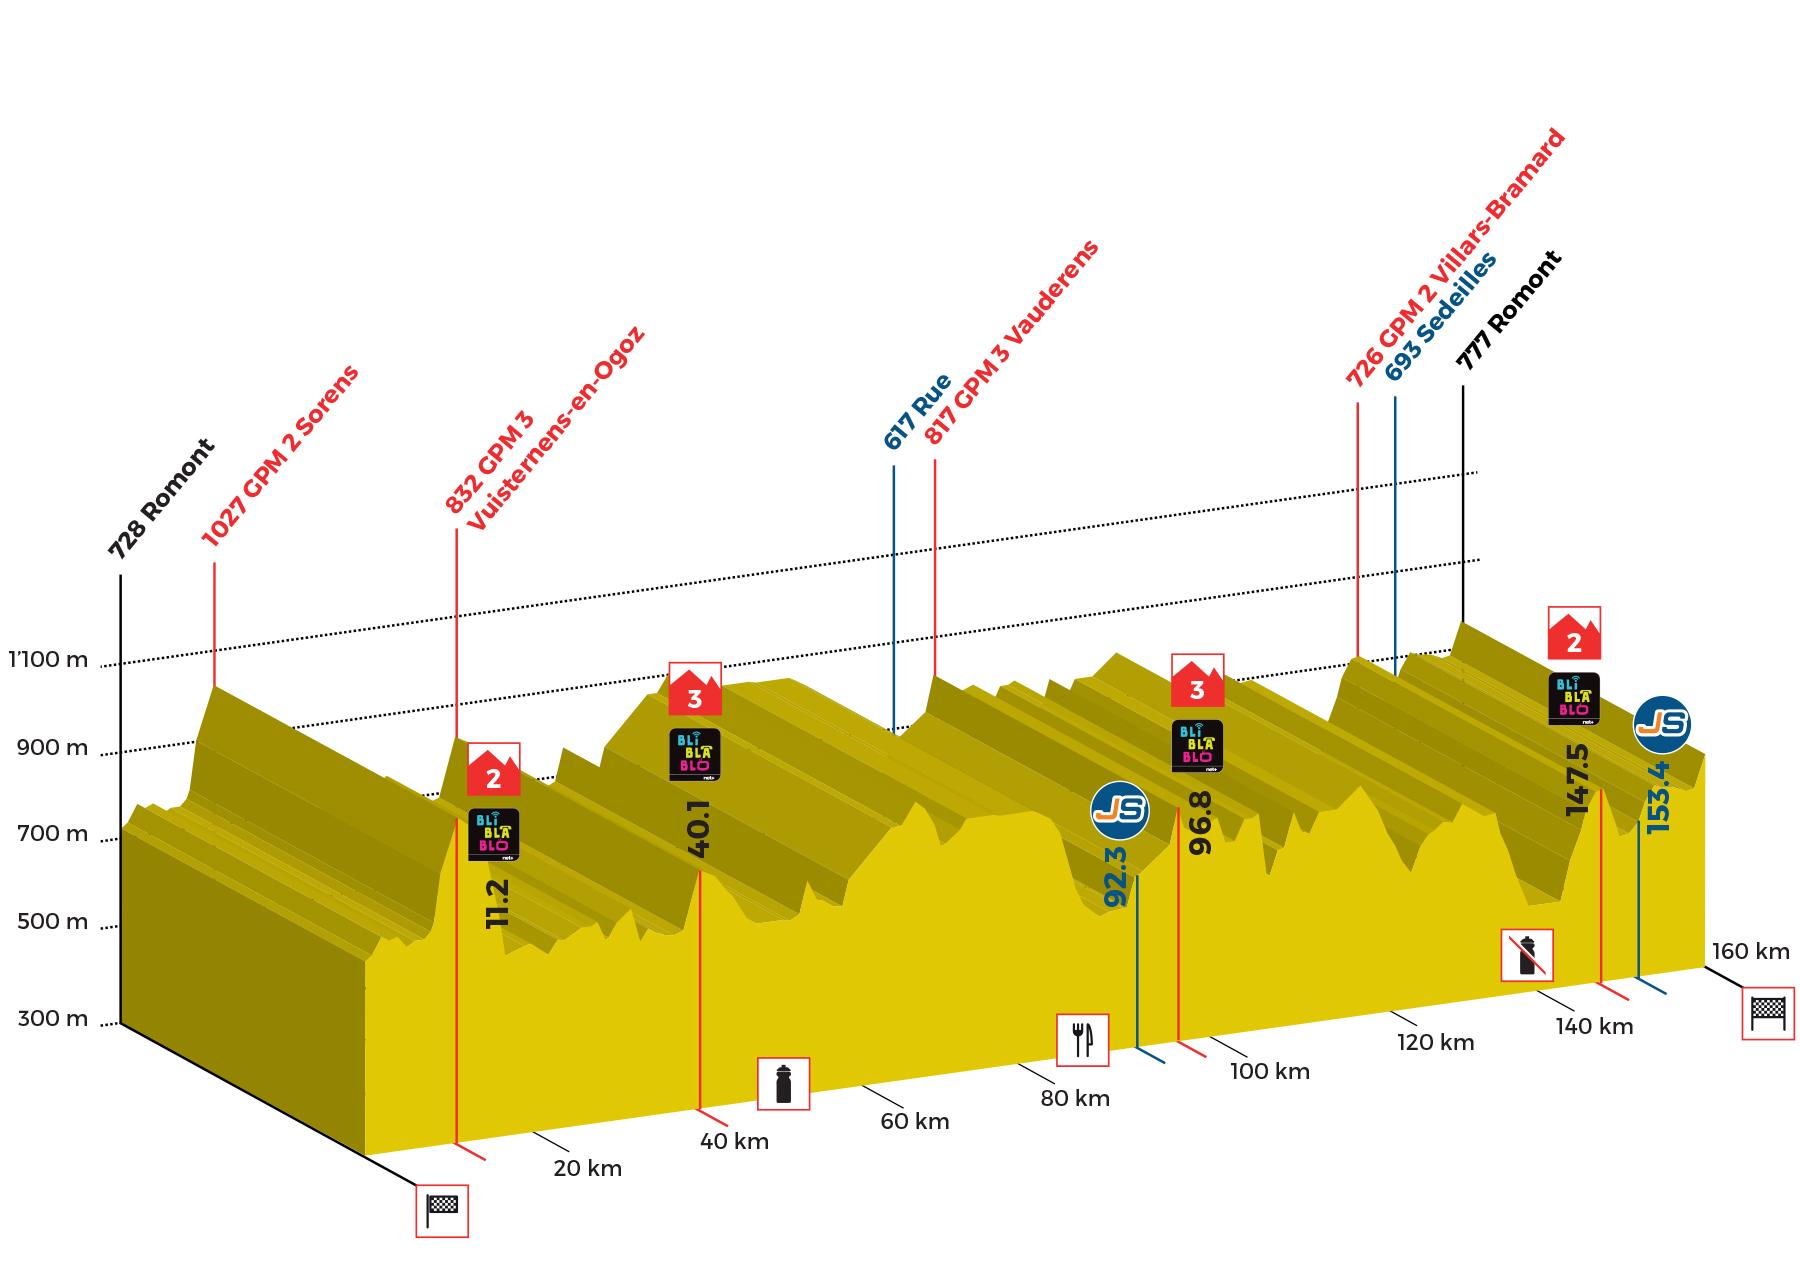 Tour de Romandie - Page 3 Profil-4